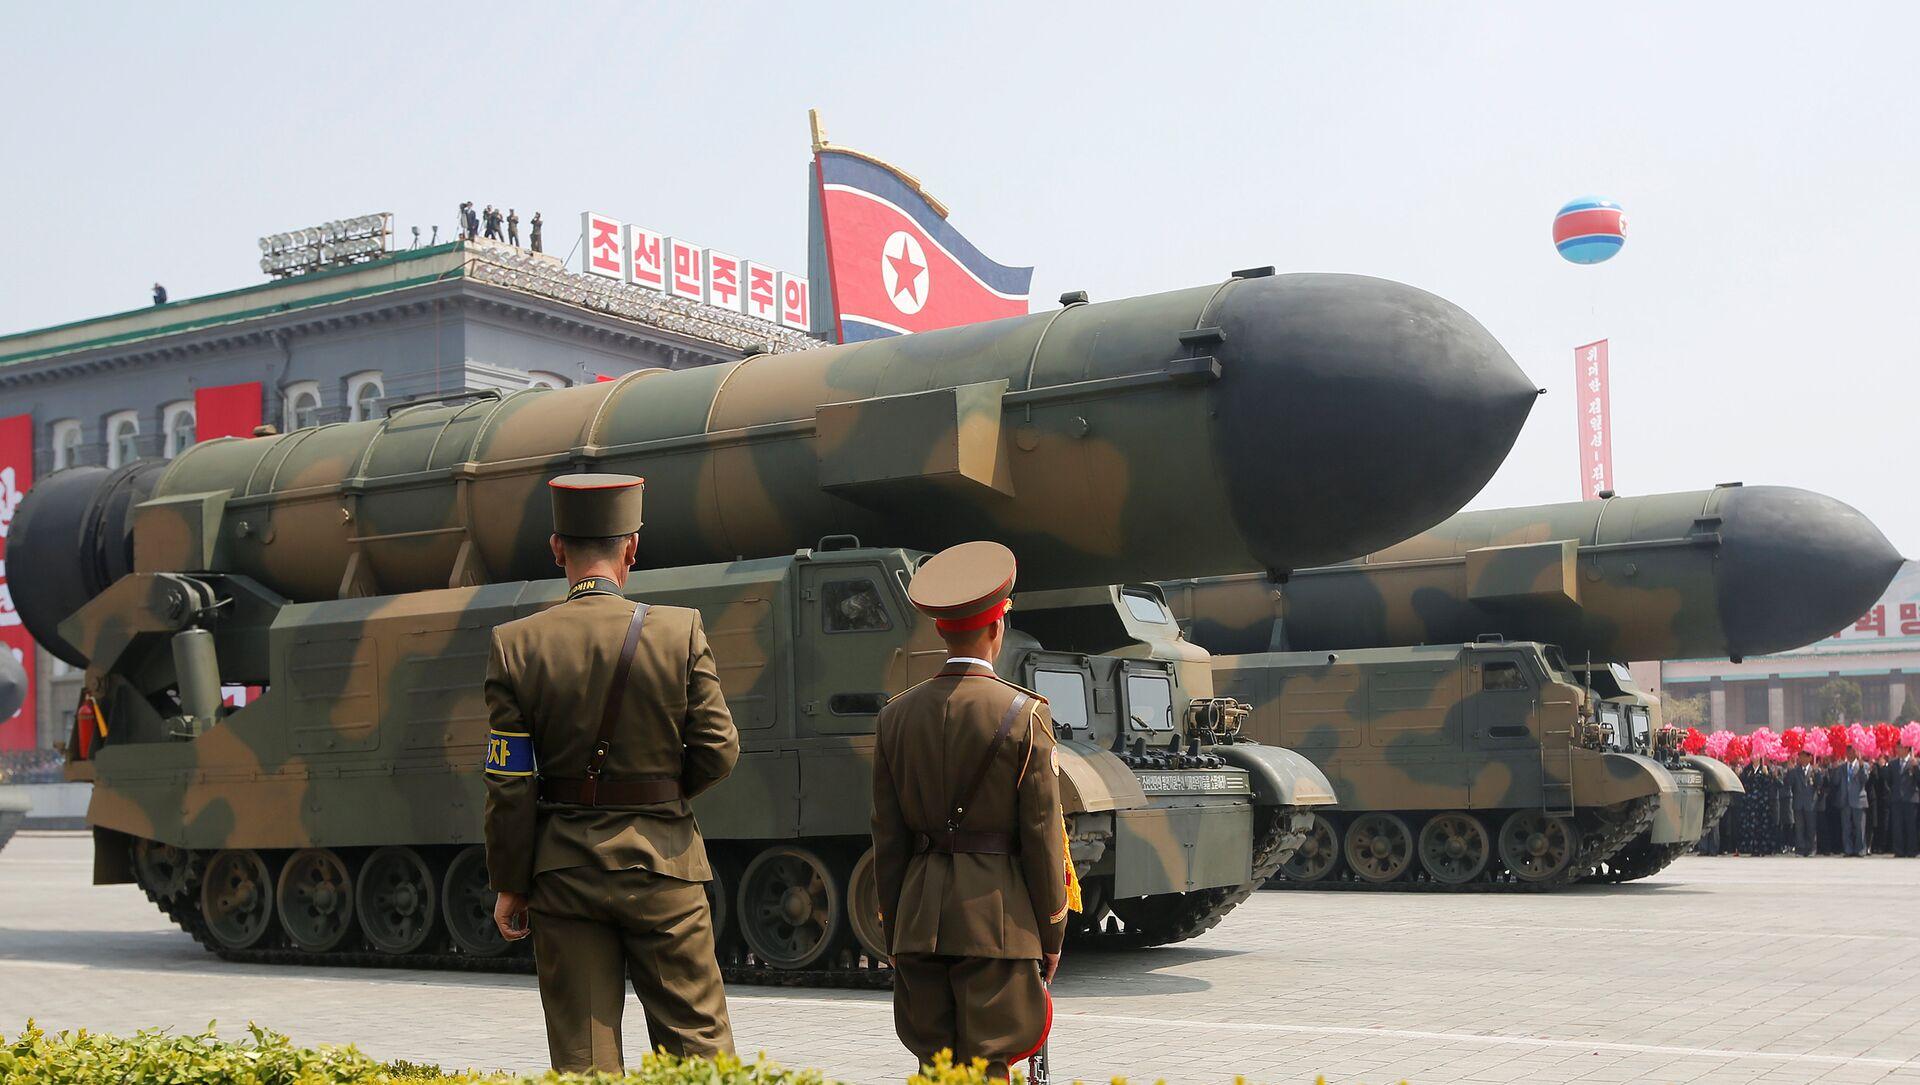 Misiles norcoreanos en el desfile militar dedicado al 105 aniversario del nacimiento del fundador del Estado norcoreano y abuelo del actual líder, Kim Il-sung - Sputnik Mundo, 1920, 15.01.2021